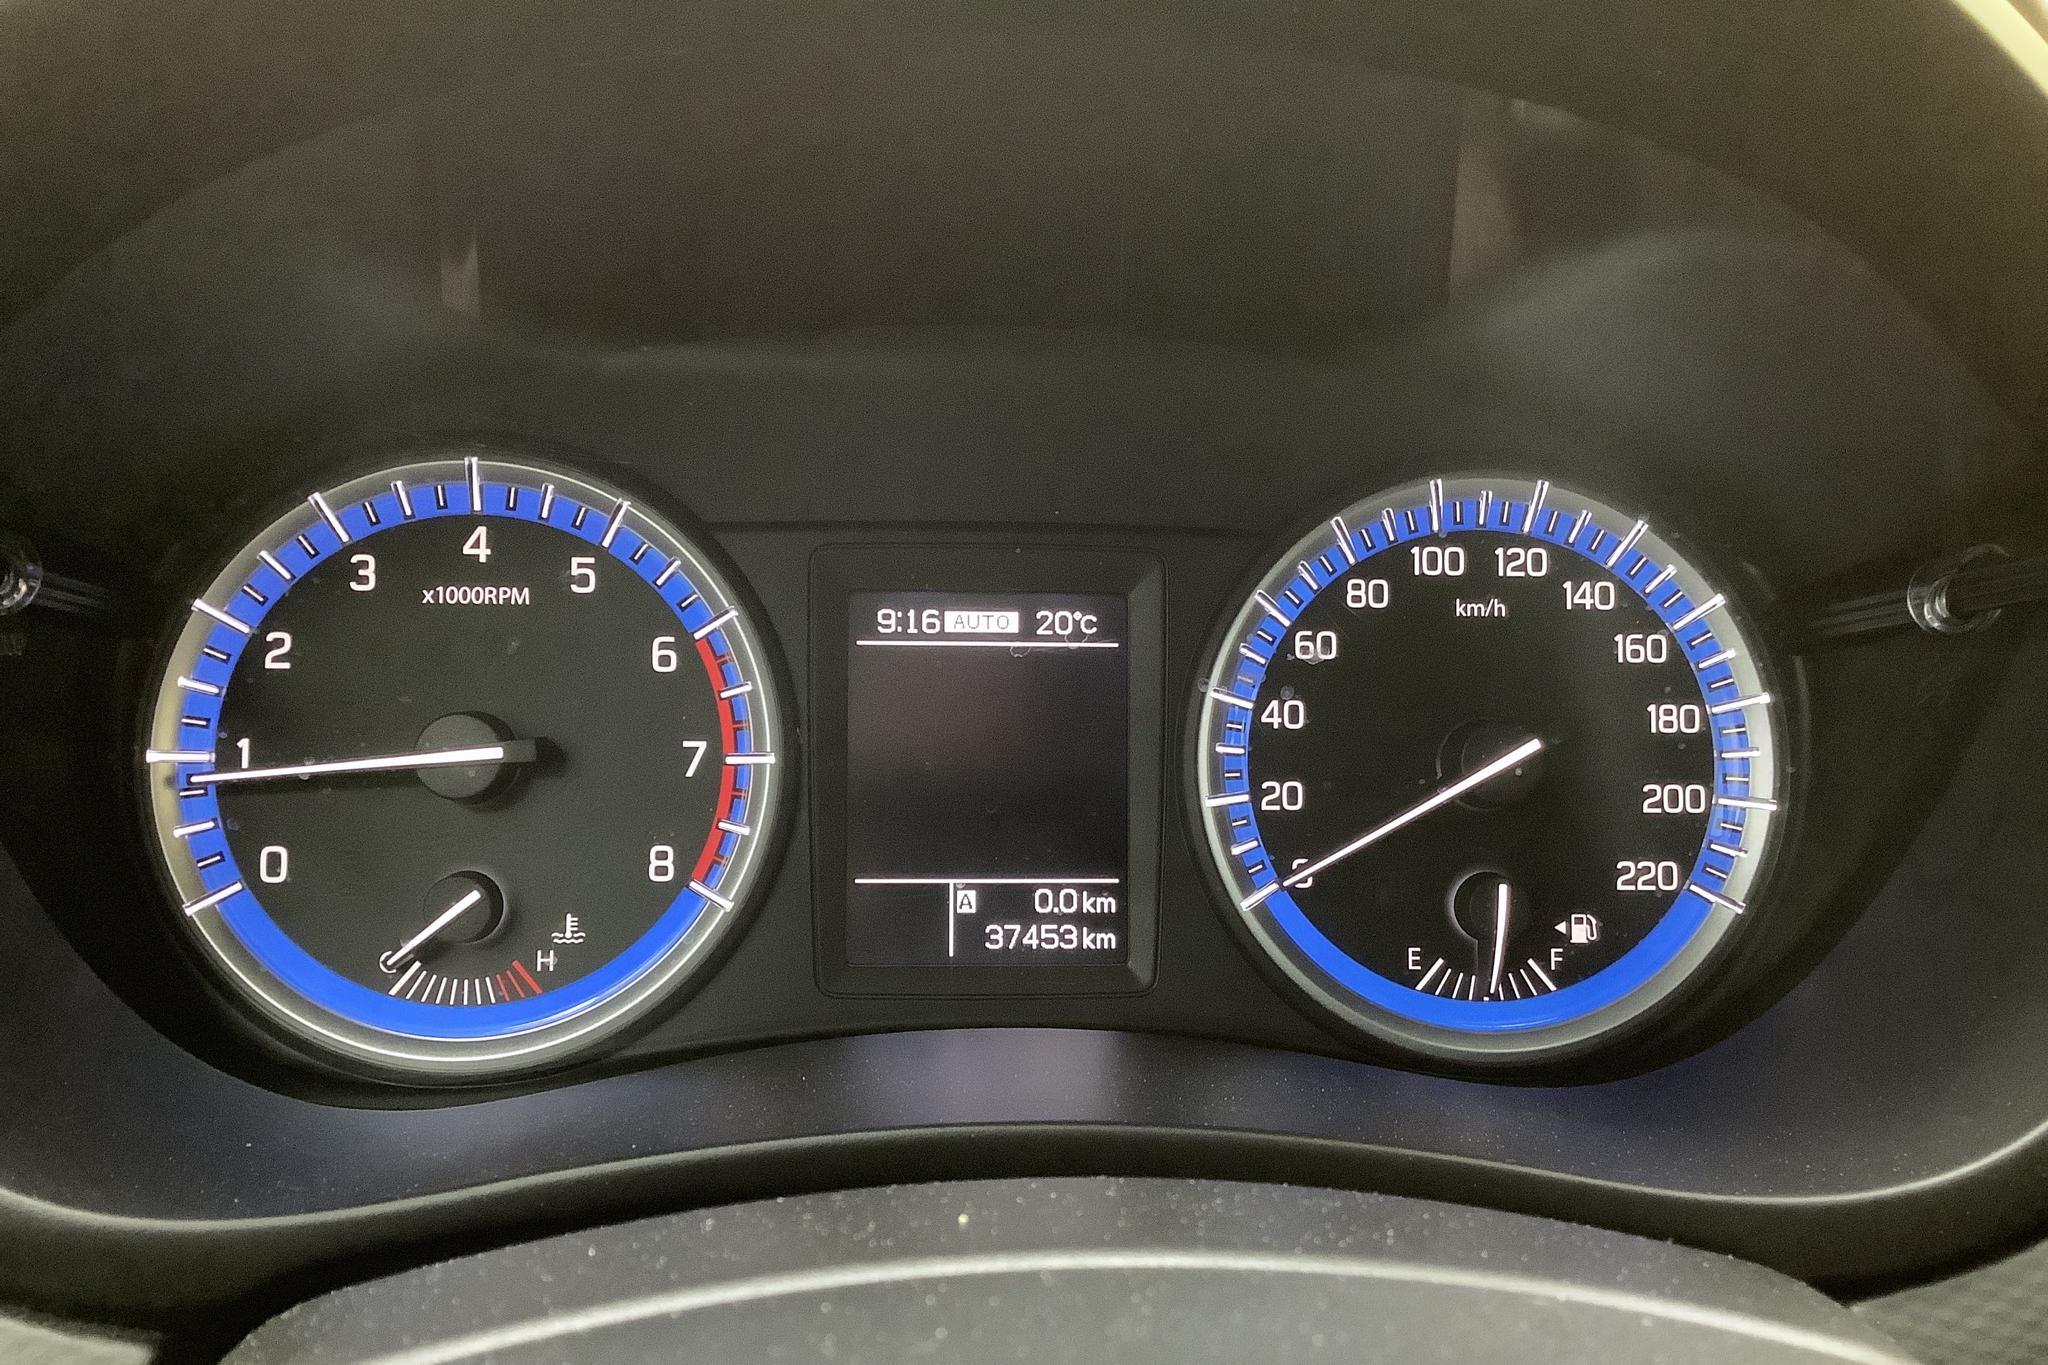 Suzuki S-Cross 1.6 4x4 (120hk) - 37 460 km - Manual - blue - 2015